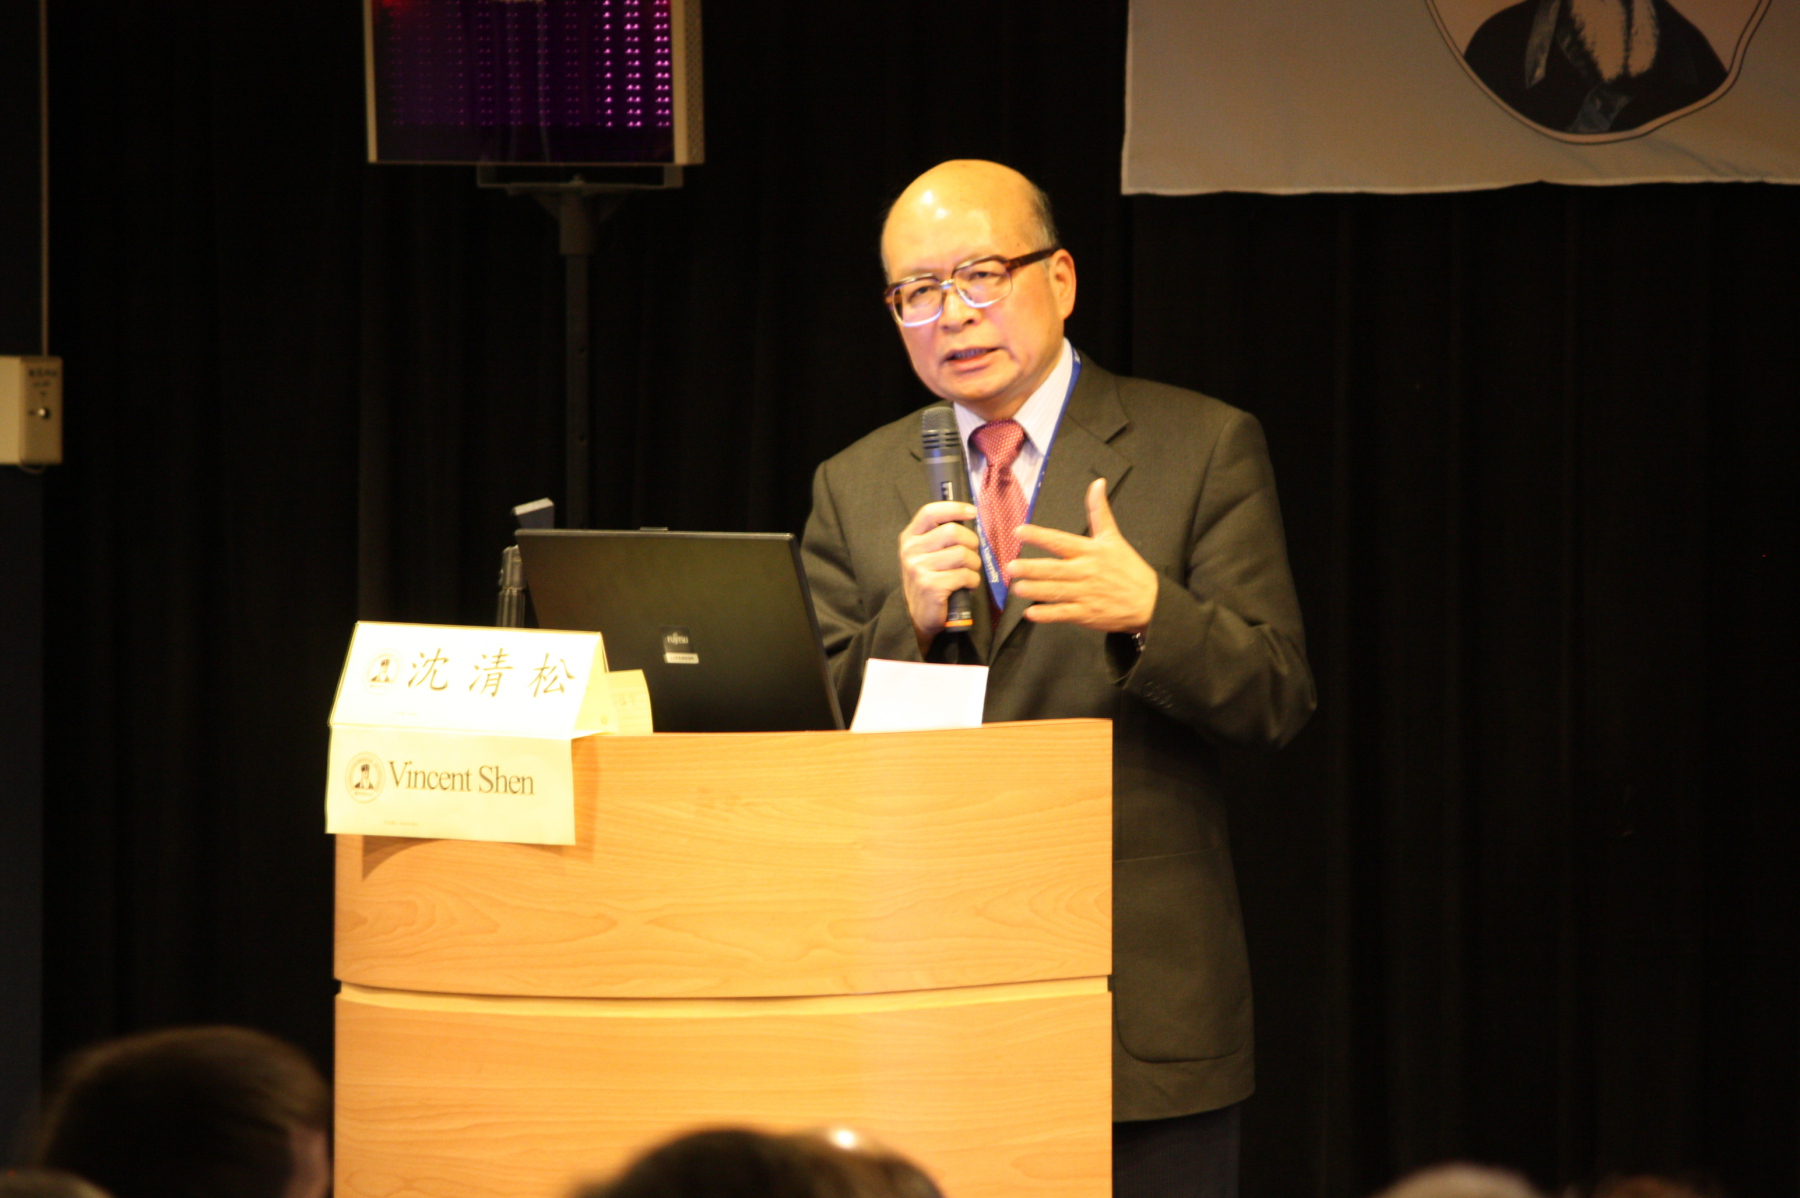 201004紀念利瑪竇逝世四百週年國際學術研討會-35